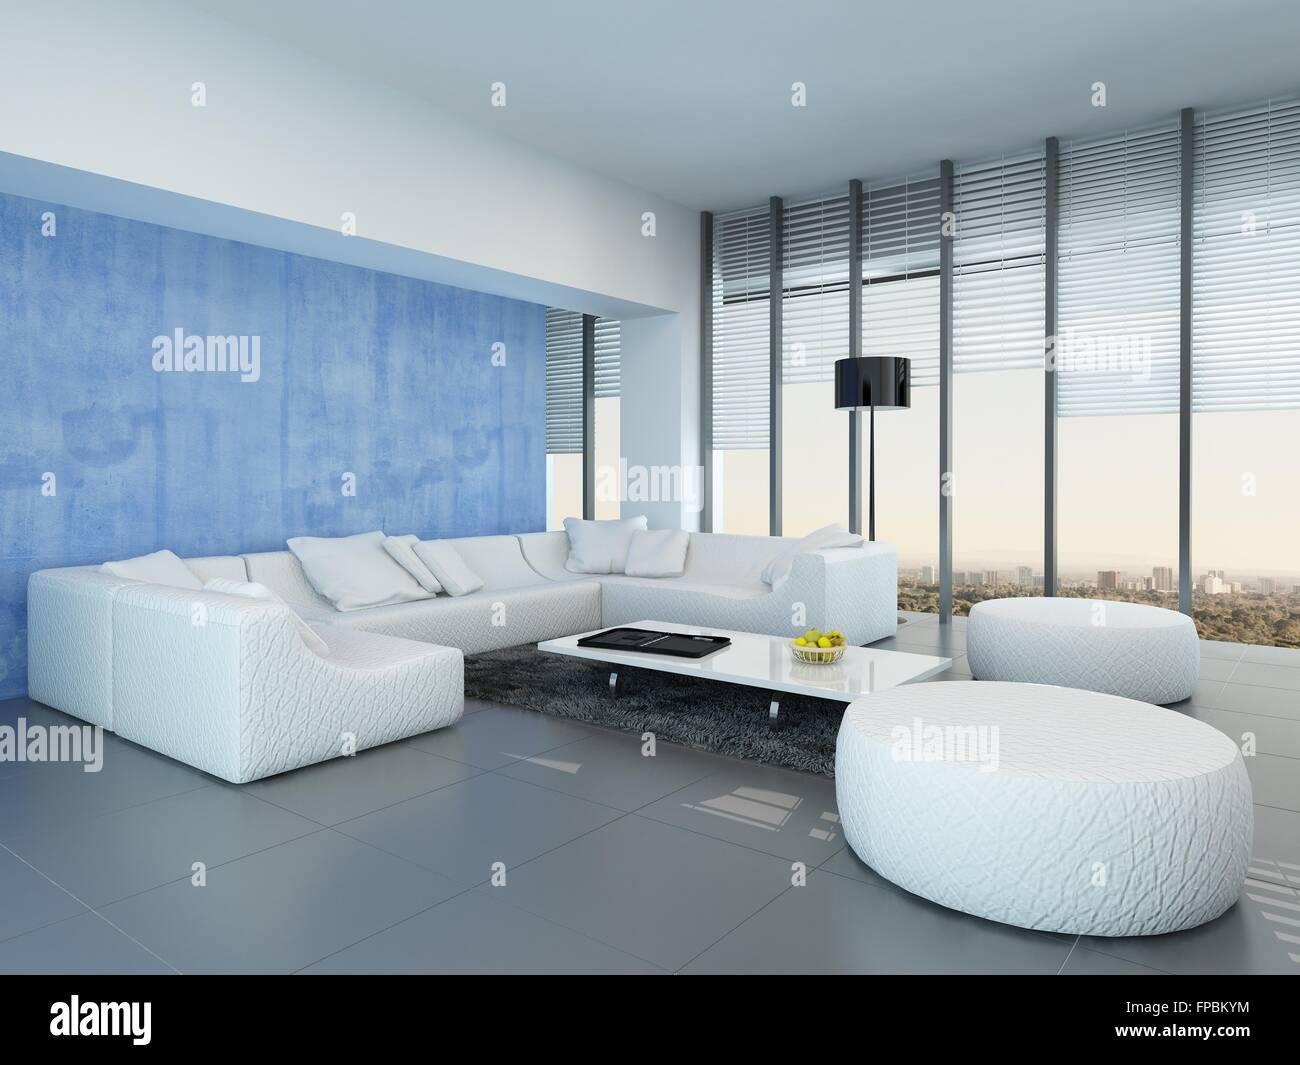 Contemporary Grey Blue And White Living Room Interior Decor